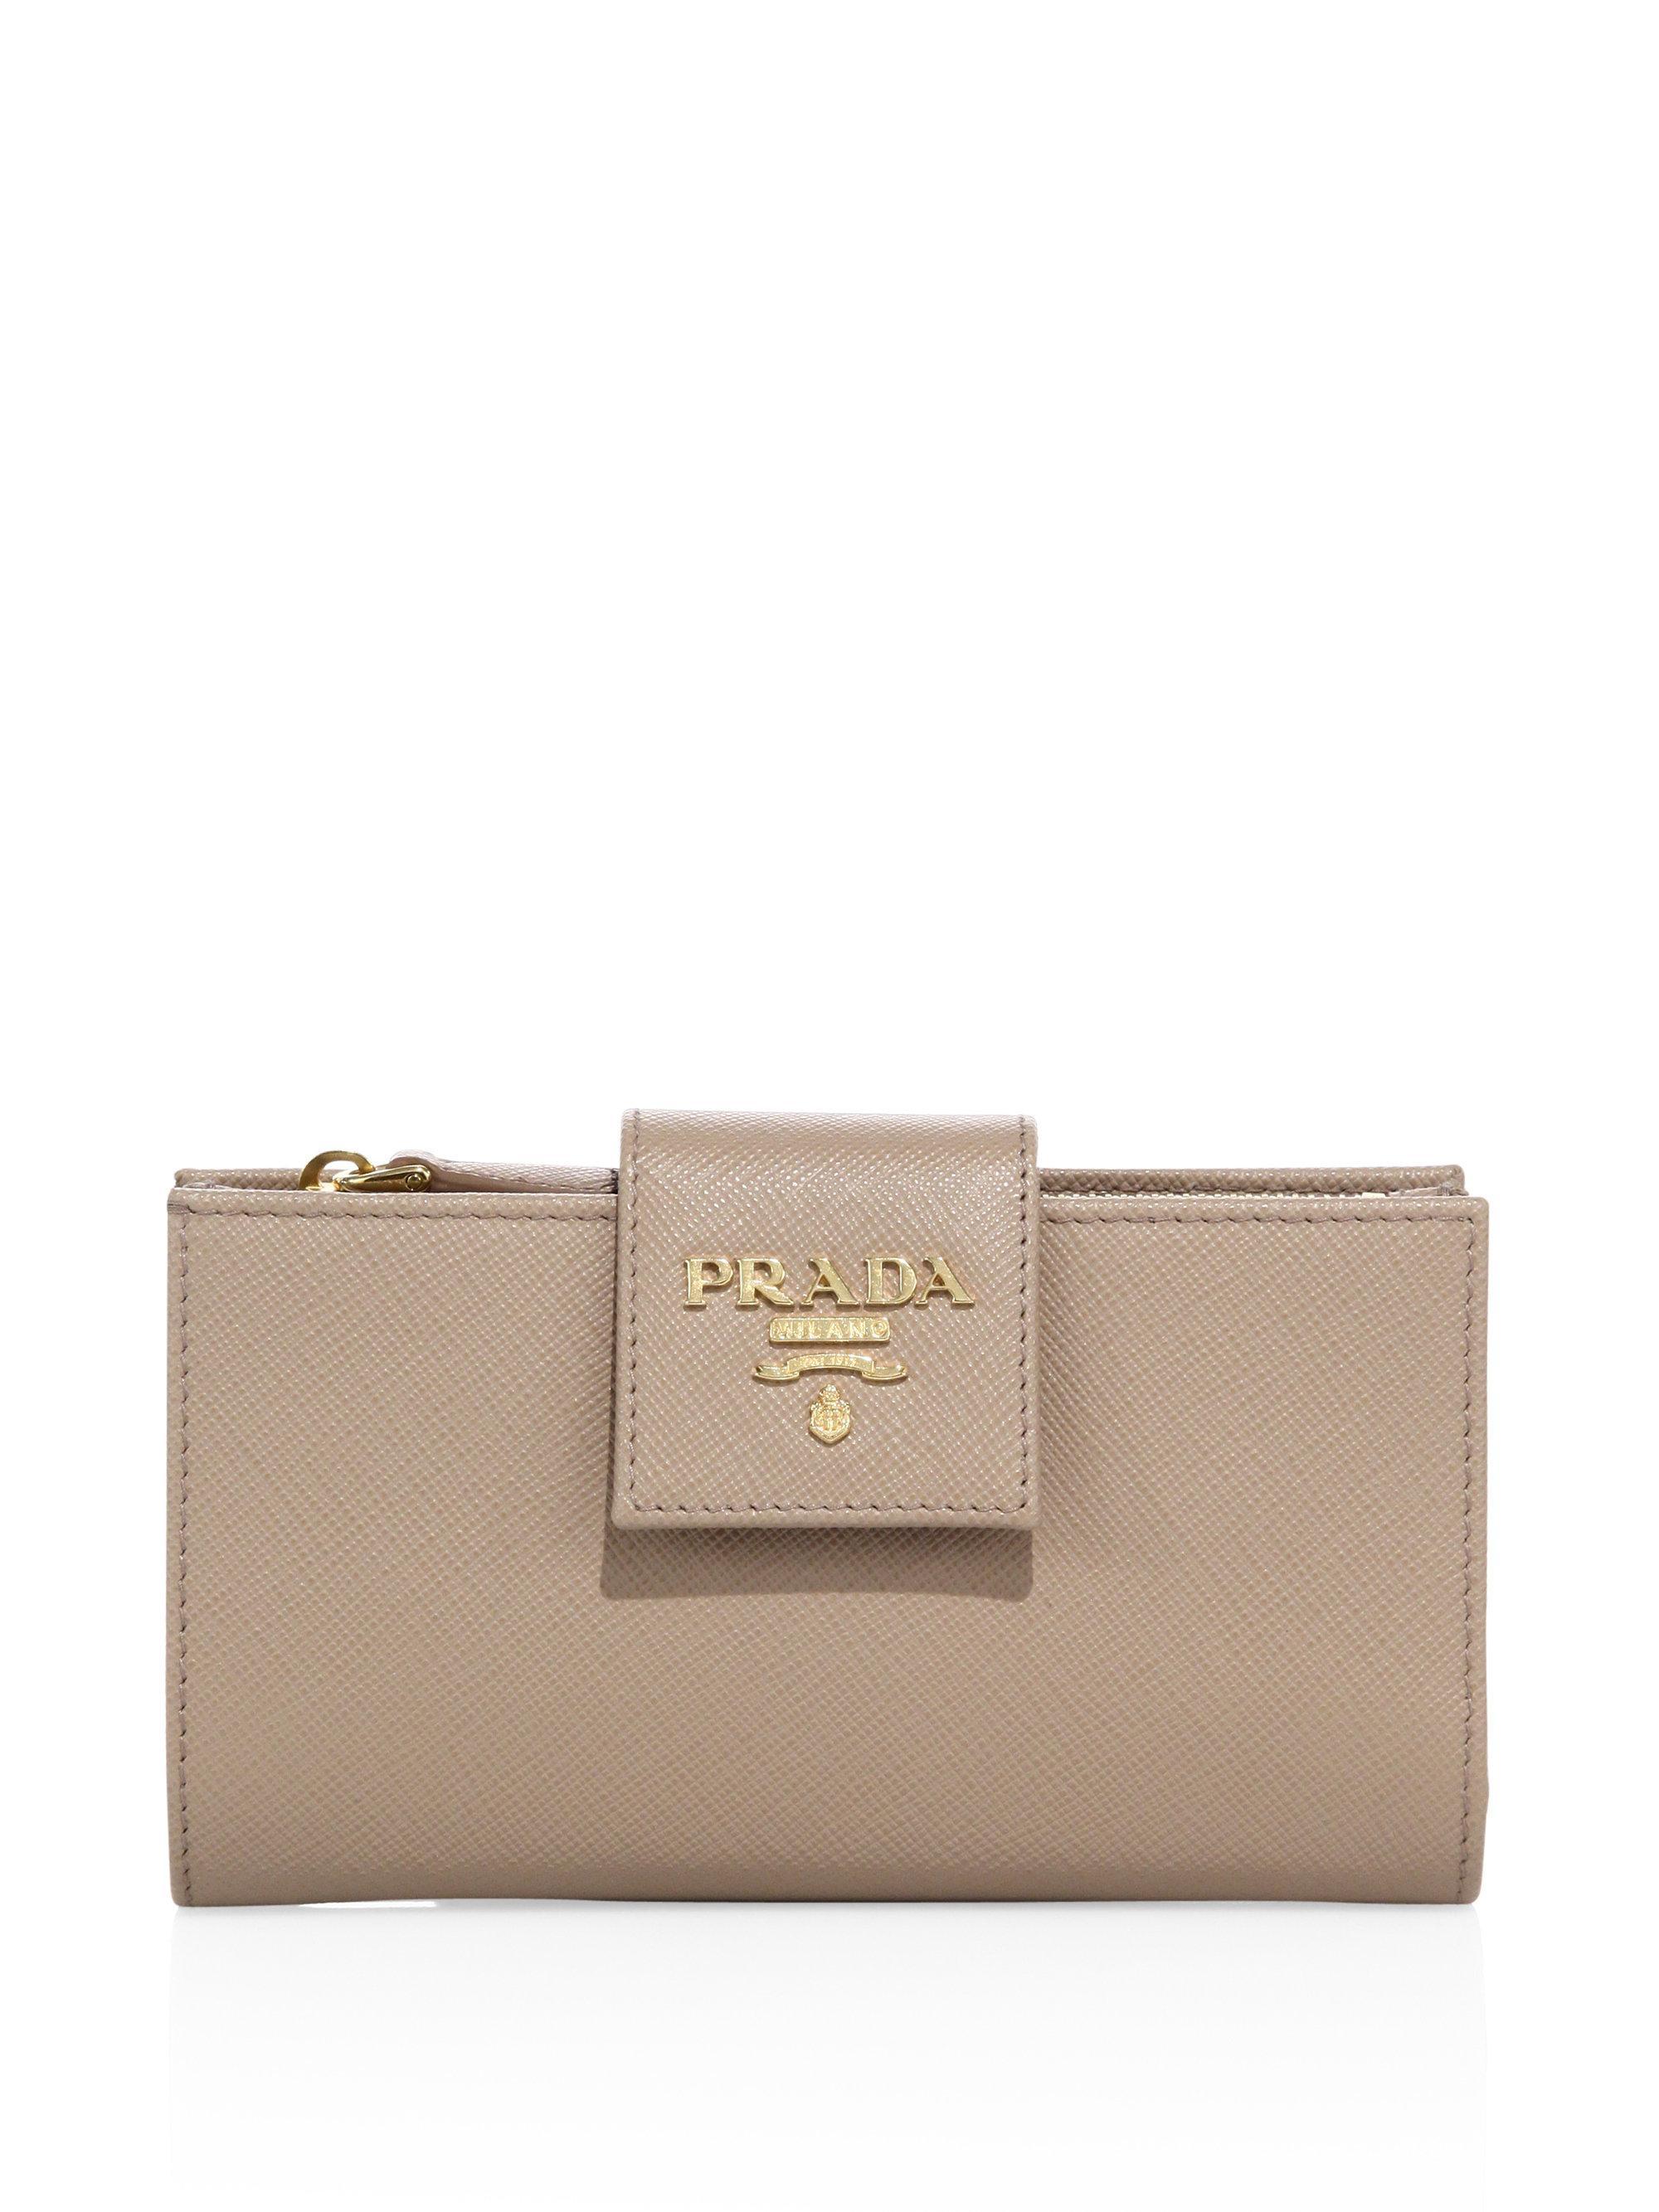 dcd00f1186ef ... where can i buy prada brown saffiano leather tab wallet lyst. view  fullscreen cb064 f62f7